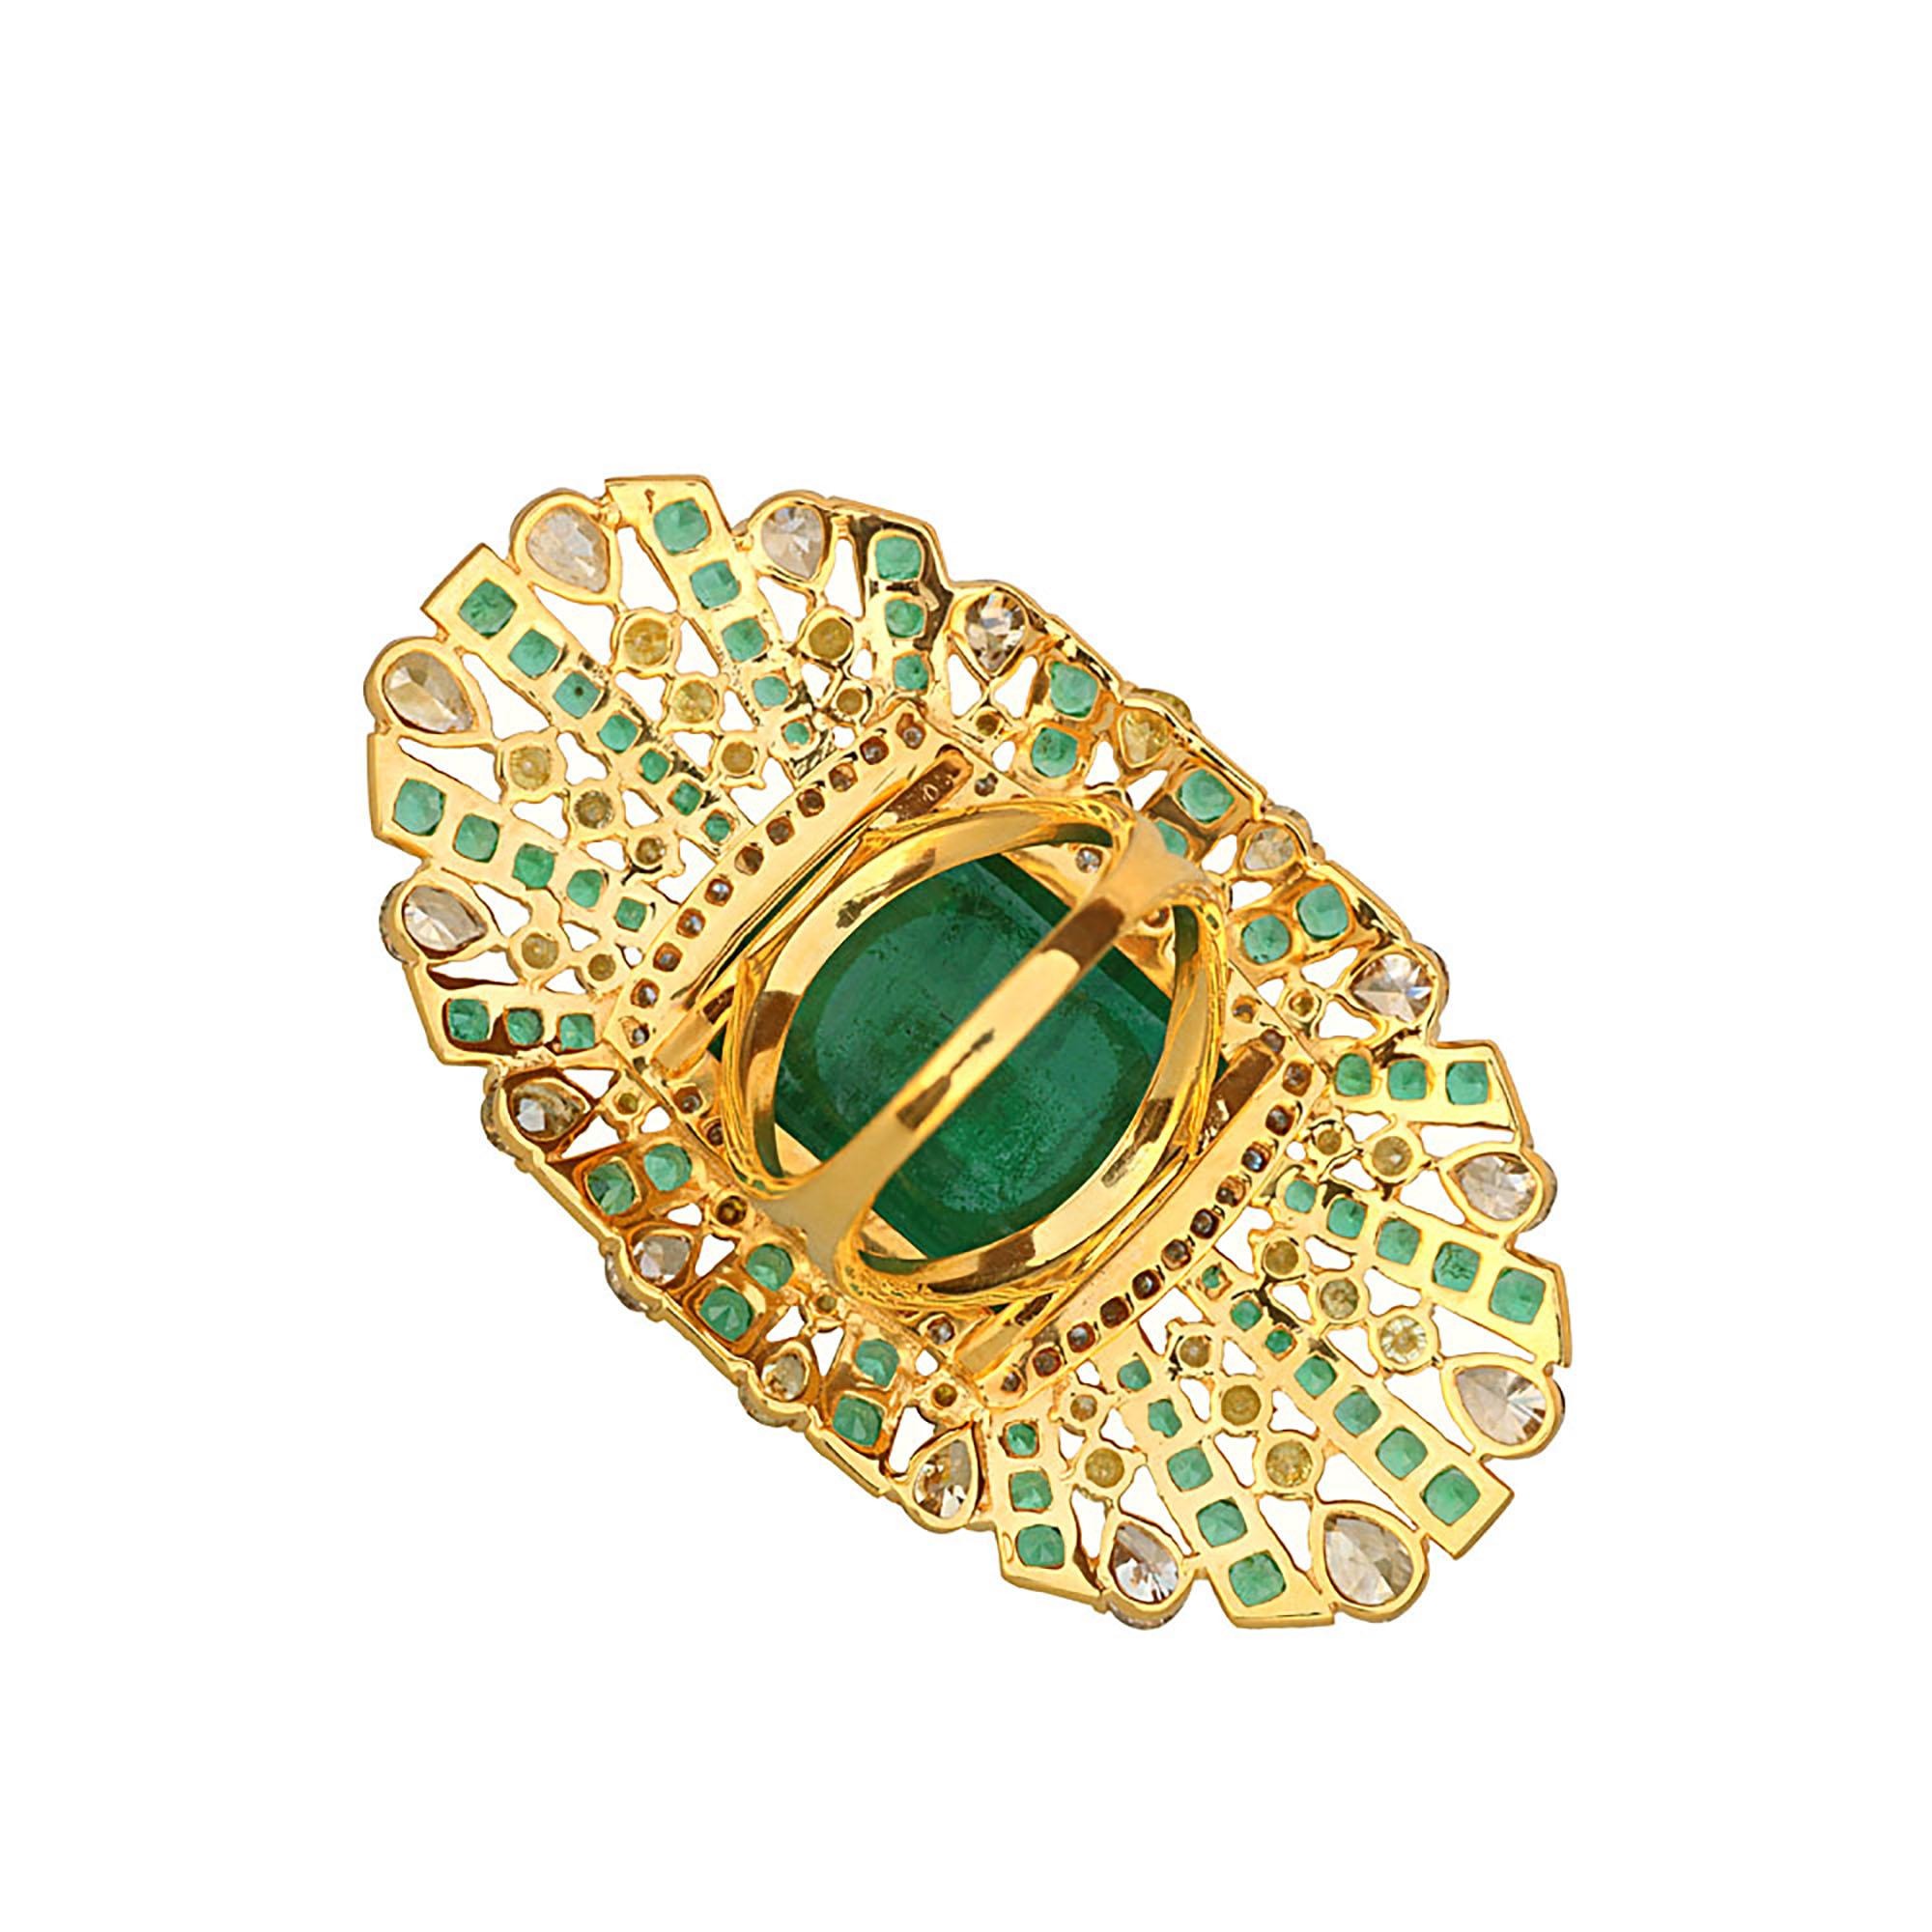 18k Solid gold diamond & emerald full finger designer ring